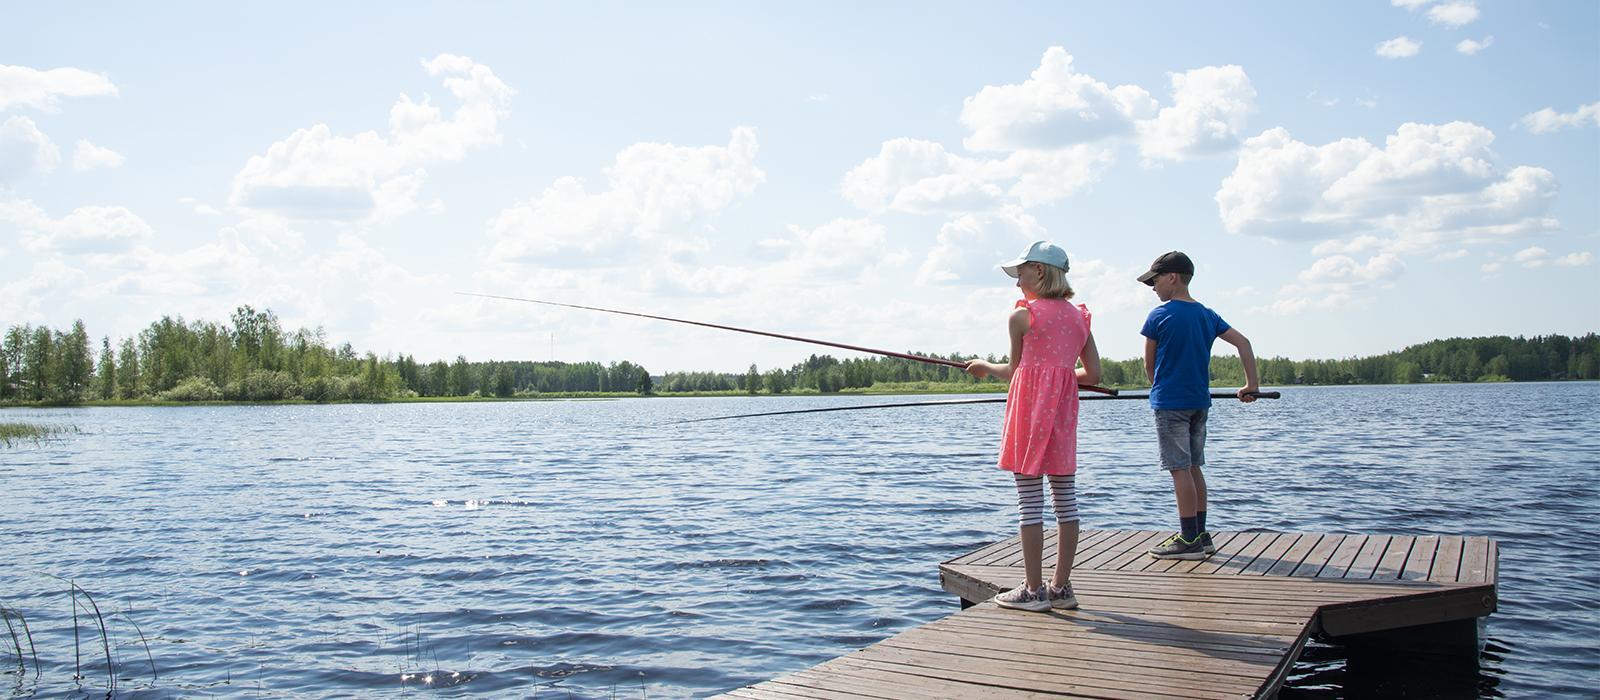 Poika ja tyttö laiturilla kalassa.